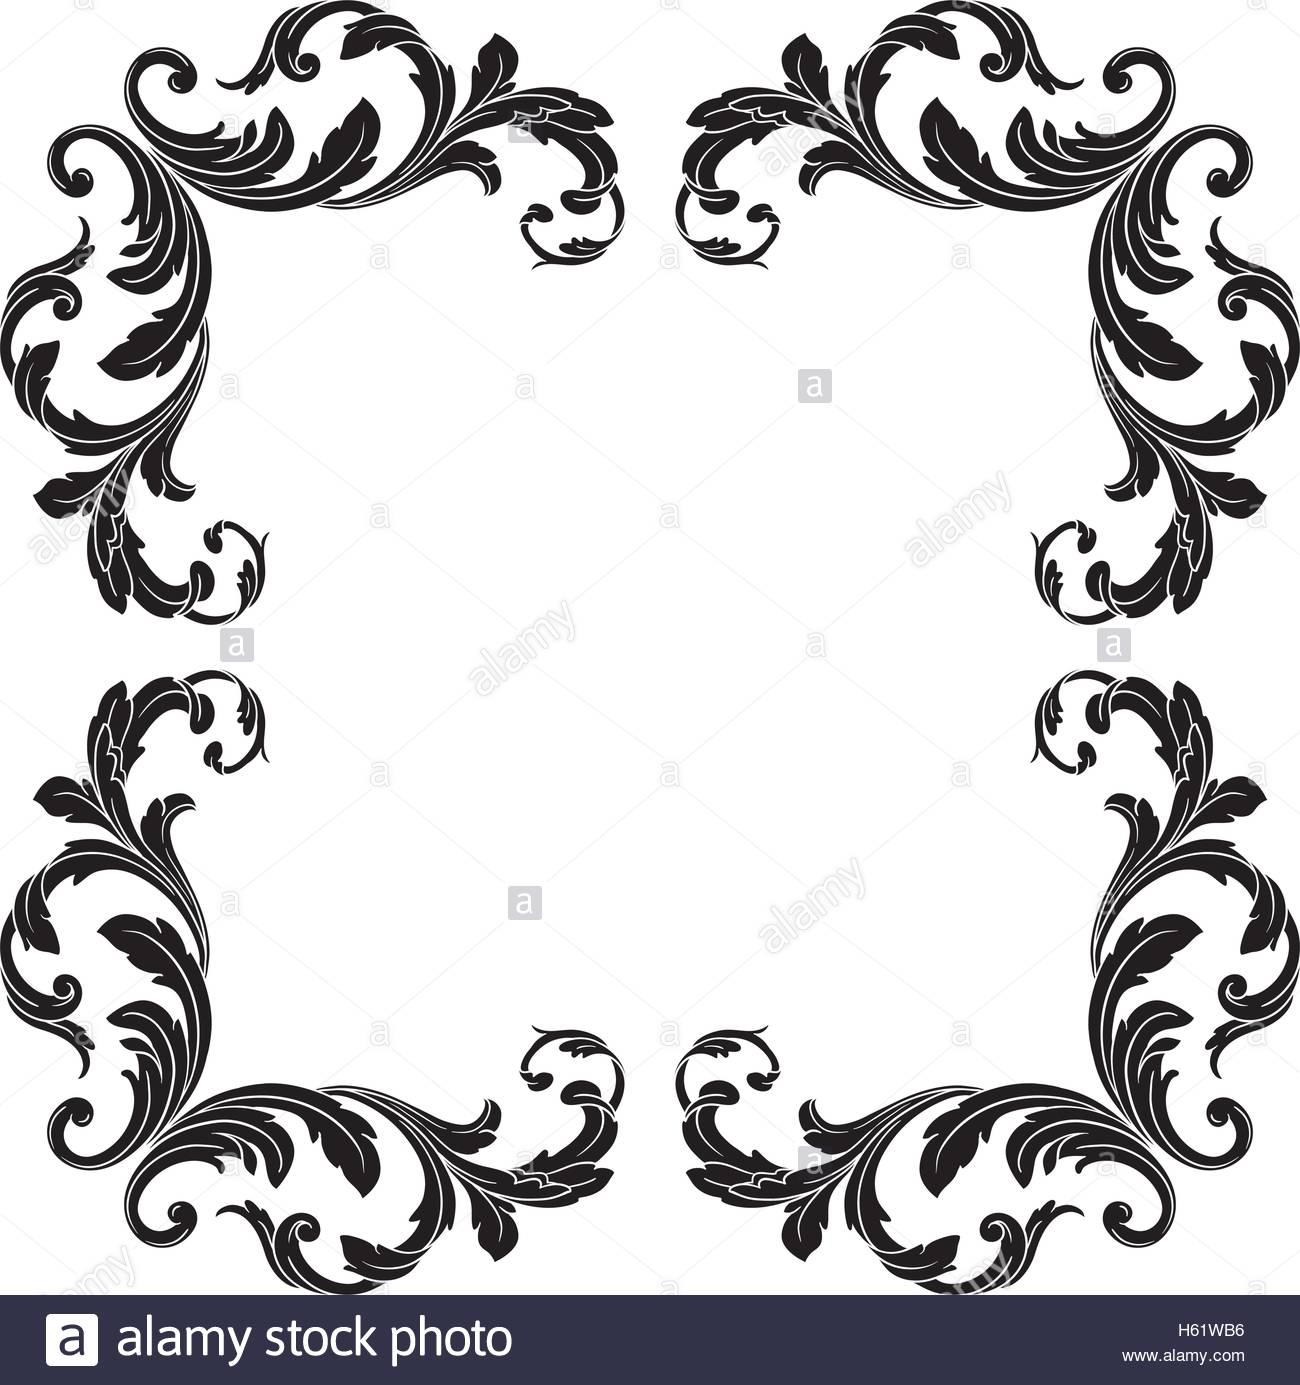 1300x1385 Vintage Baroque Frame Scroll Ornament Engraving Border Floral